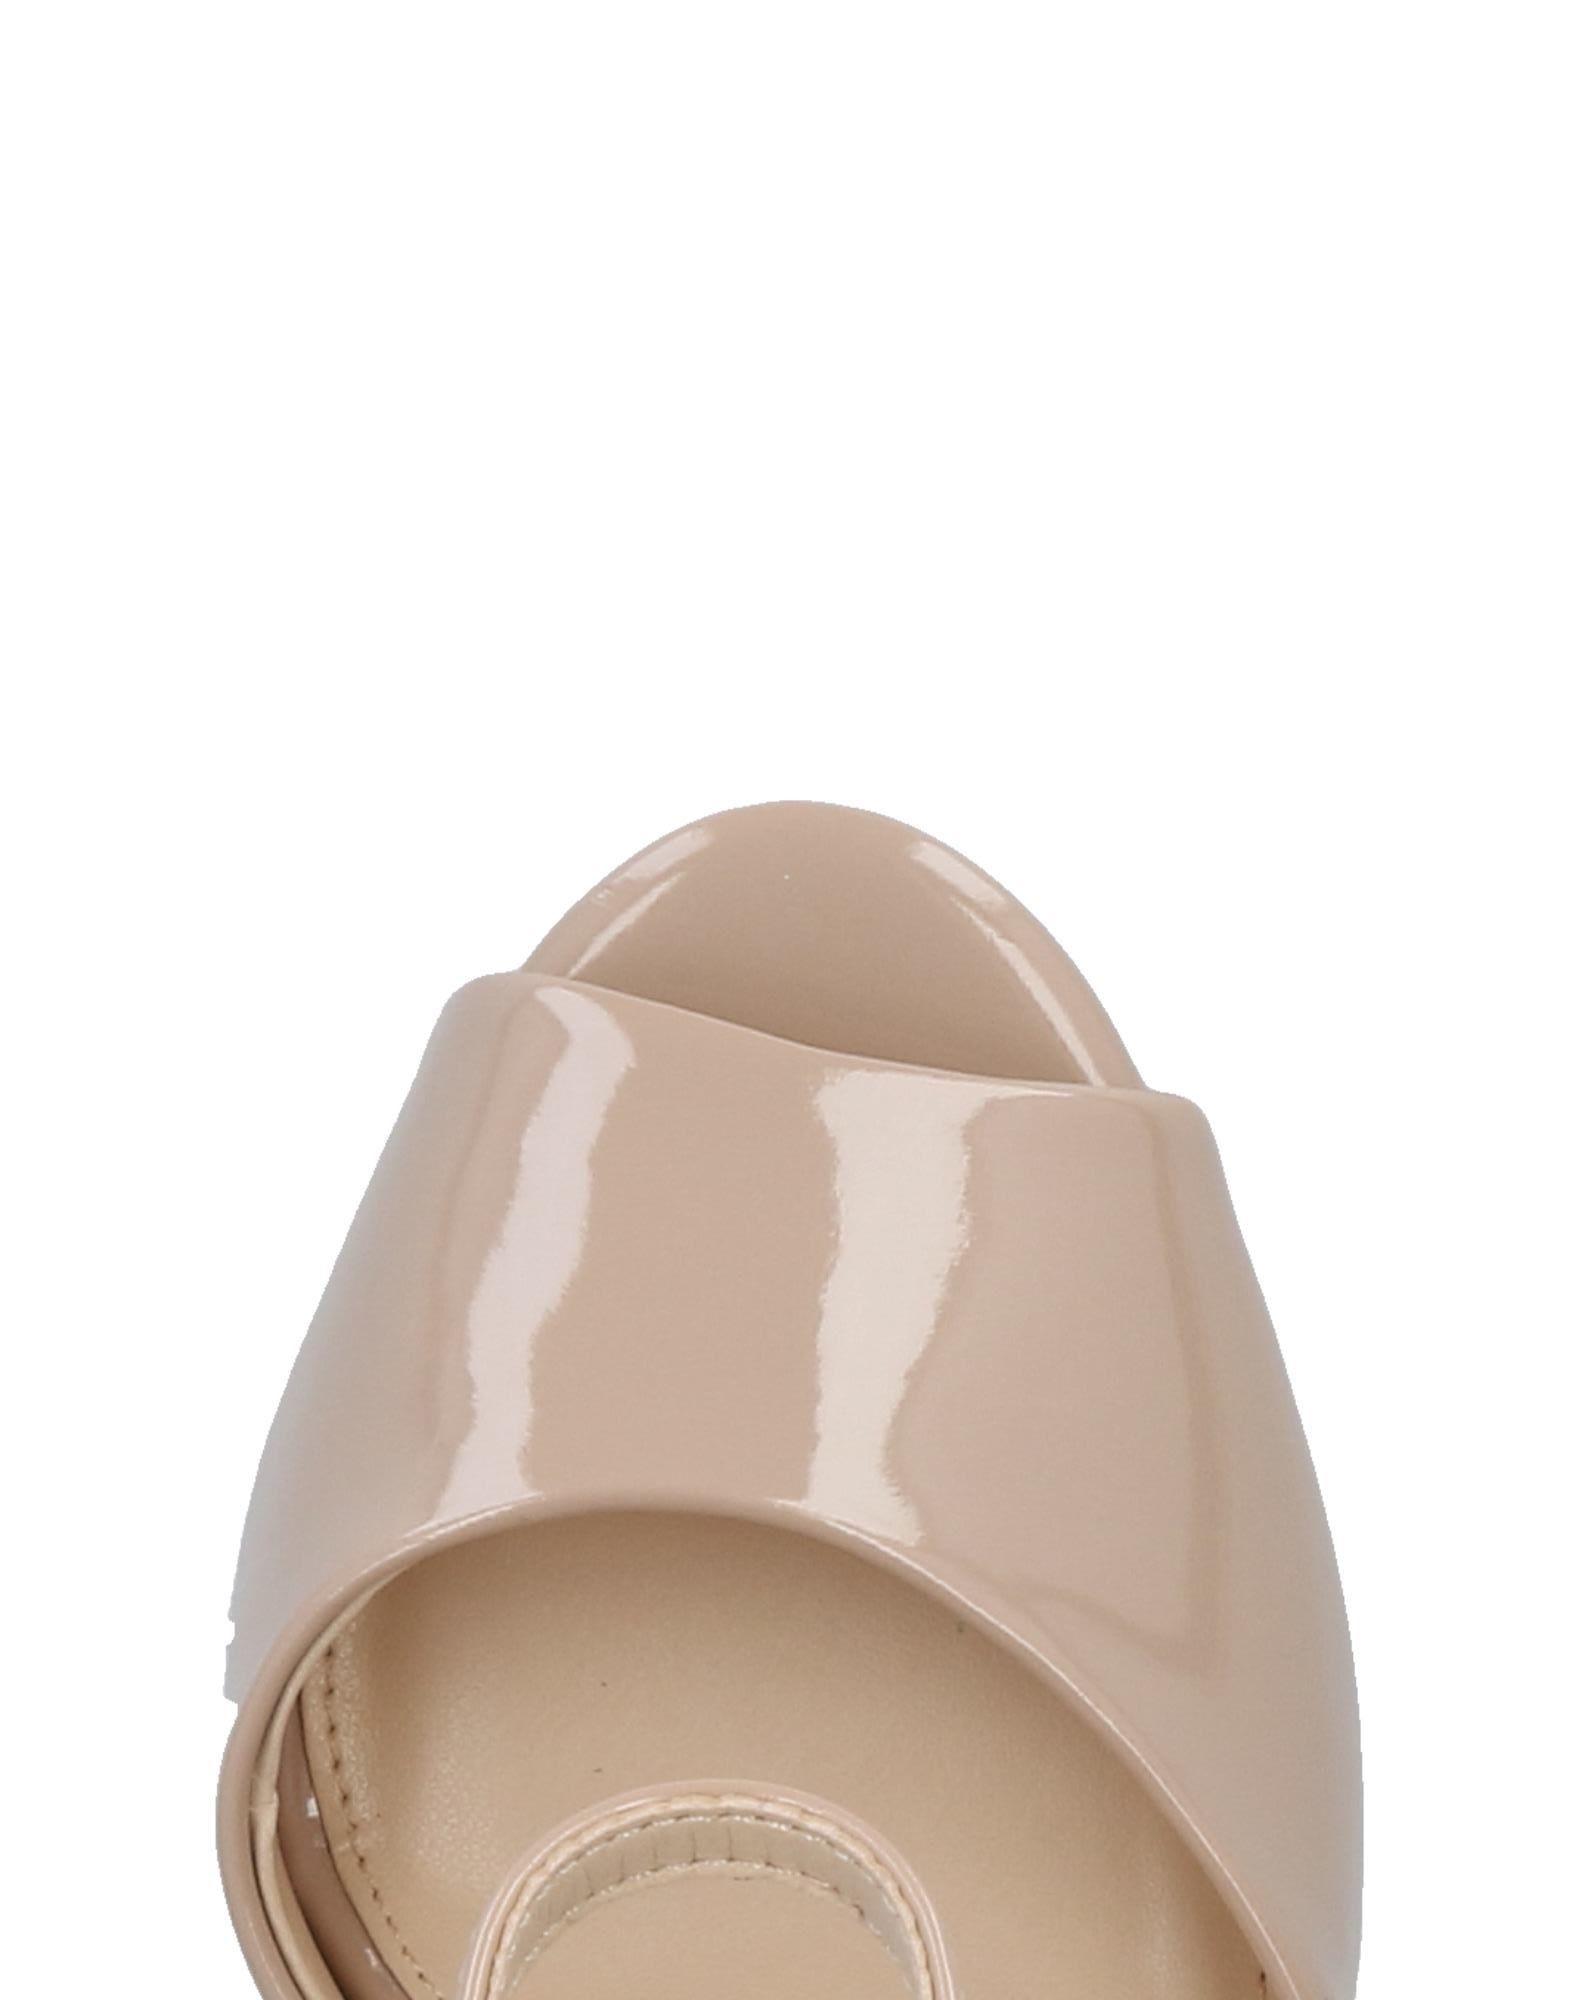 Steve Madden Sandalen Damen beliebte  11438791UP Gute Qualität beliebte Damen Schuhe e5ce66